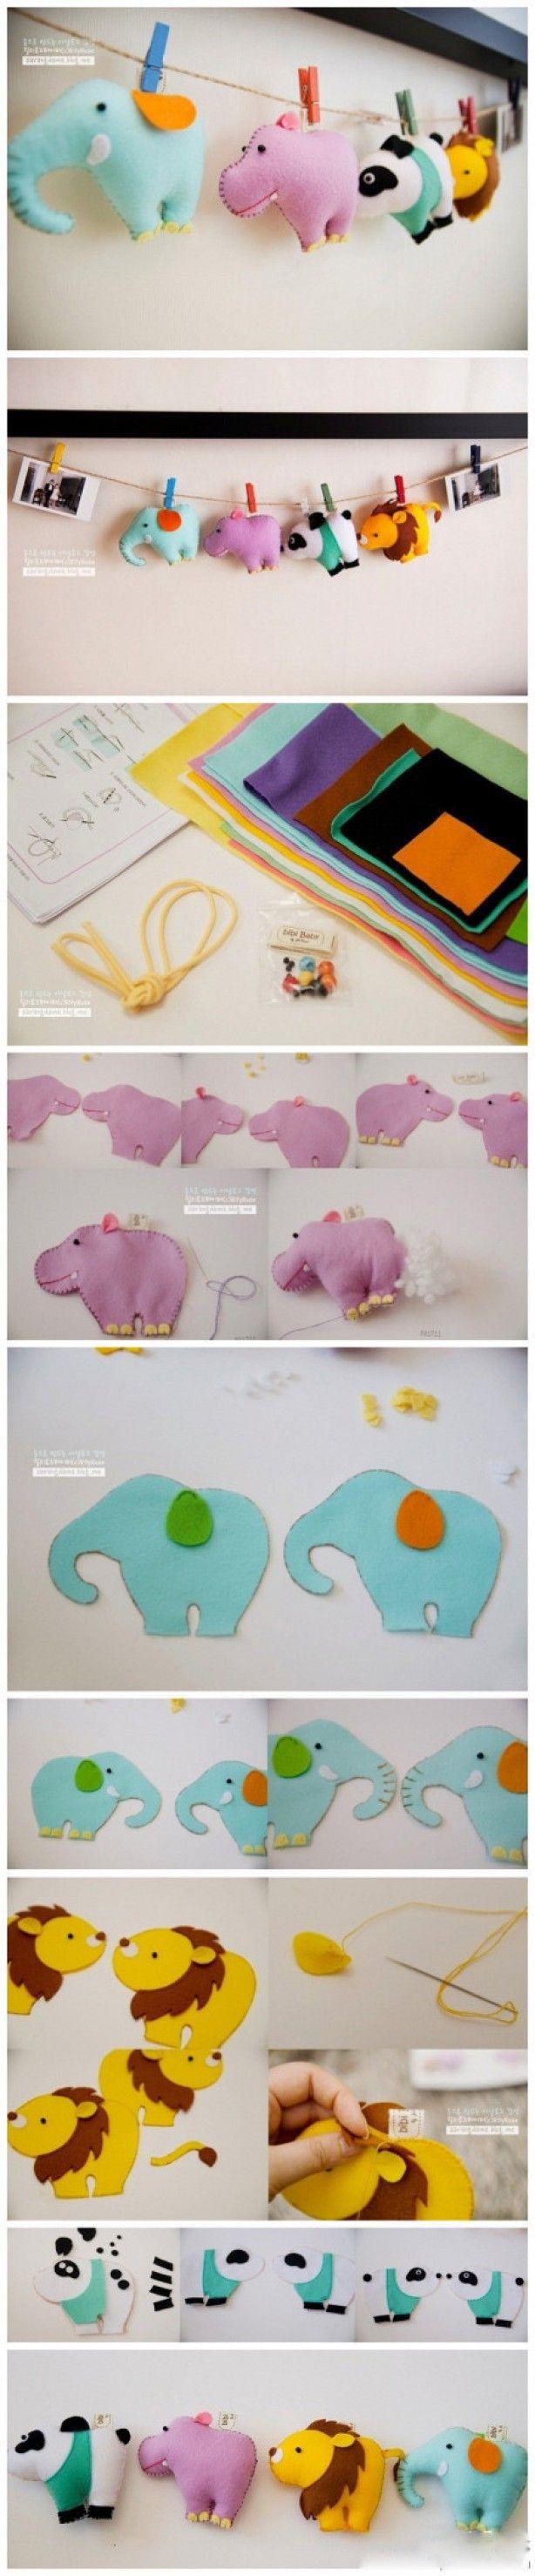 kleine dieren maken: http://www.welke.nl/lookbook/Decoration/Haken-en-breien/willemiendejong/wat-een-schattige-kleine-dieren-leuk-voor-een-cadeautje-of-maken-met.1360948223